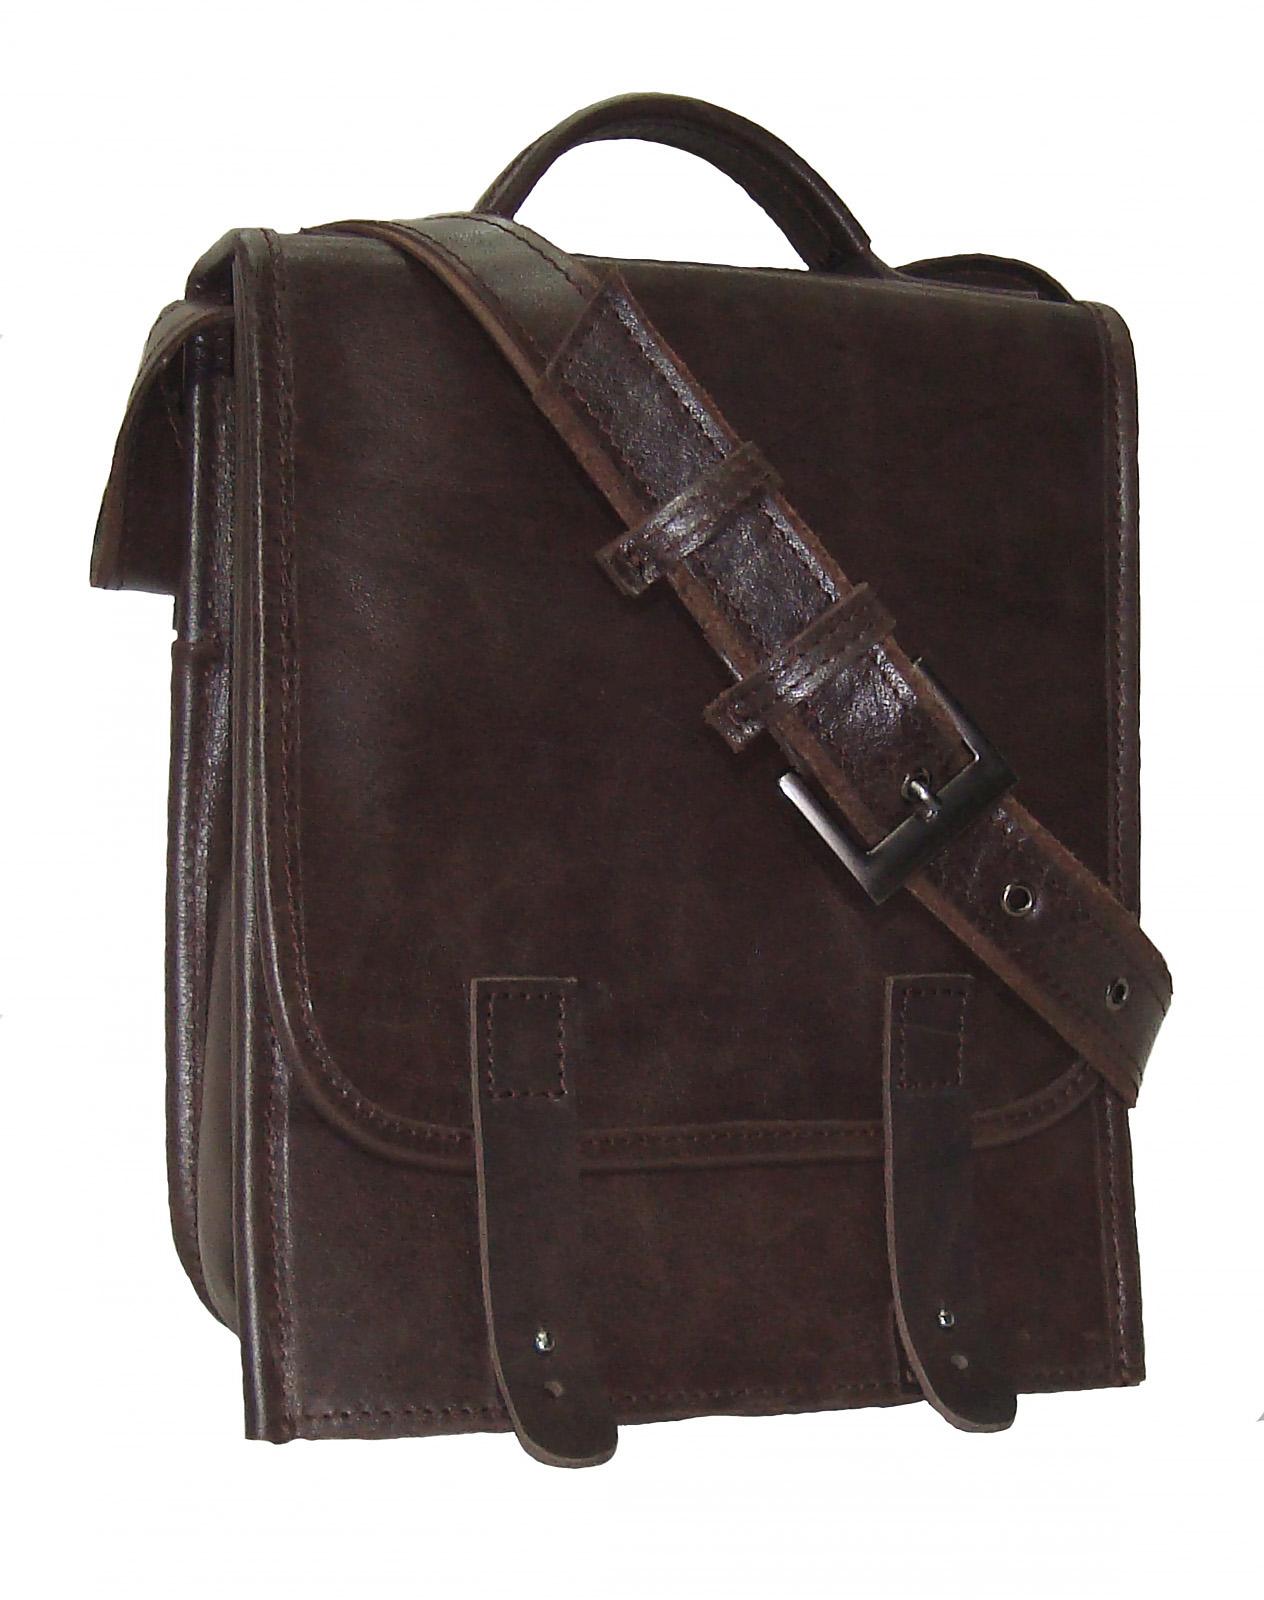 Сумка мужская Модель № 2Сумки и др. изделия из кожи<br>Высота сумки:26 см<br>Ширина верх:22 см<br>Ширина бок:6 см<br>Длинна ремня:120 см<br><br>Тип: Муж. сумка<br>Размер: -<br>Материал: Натуральная кожа